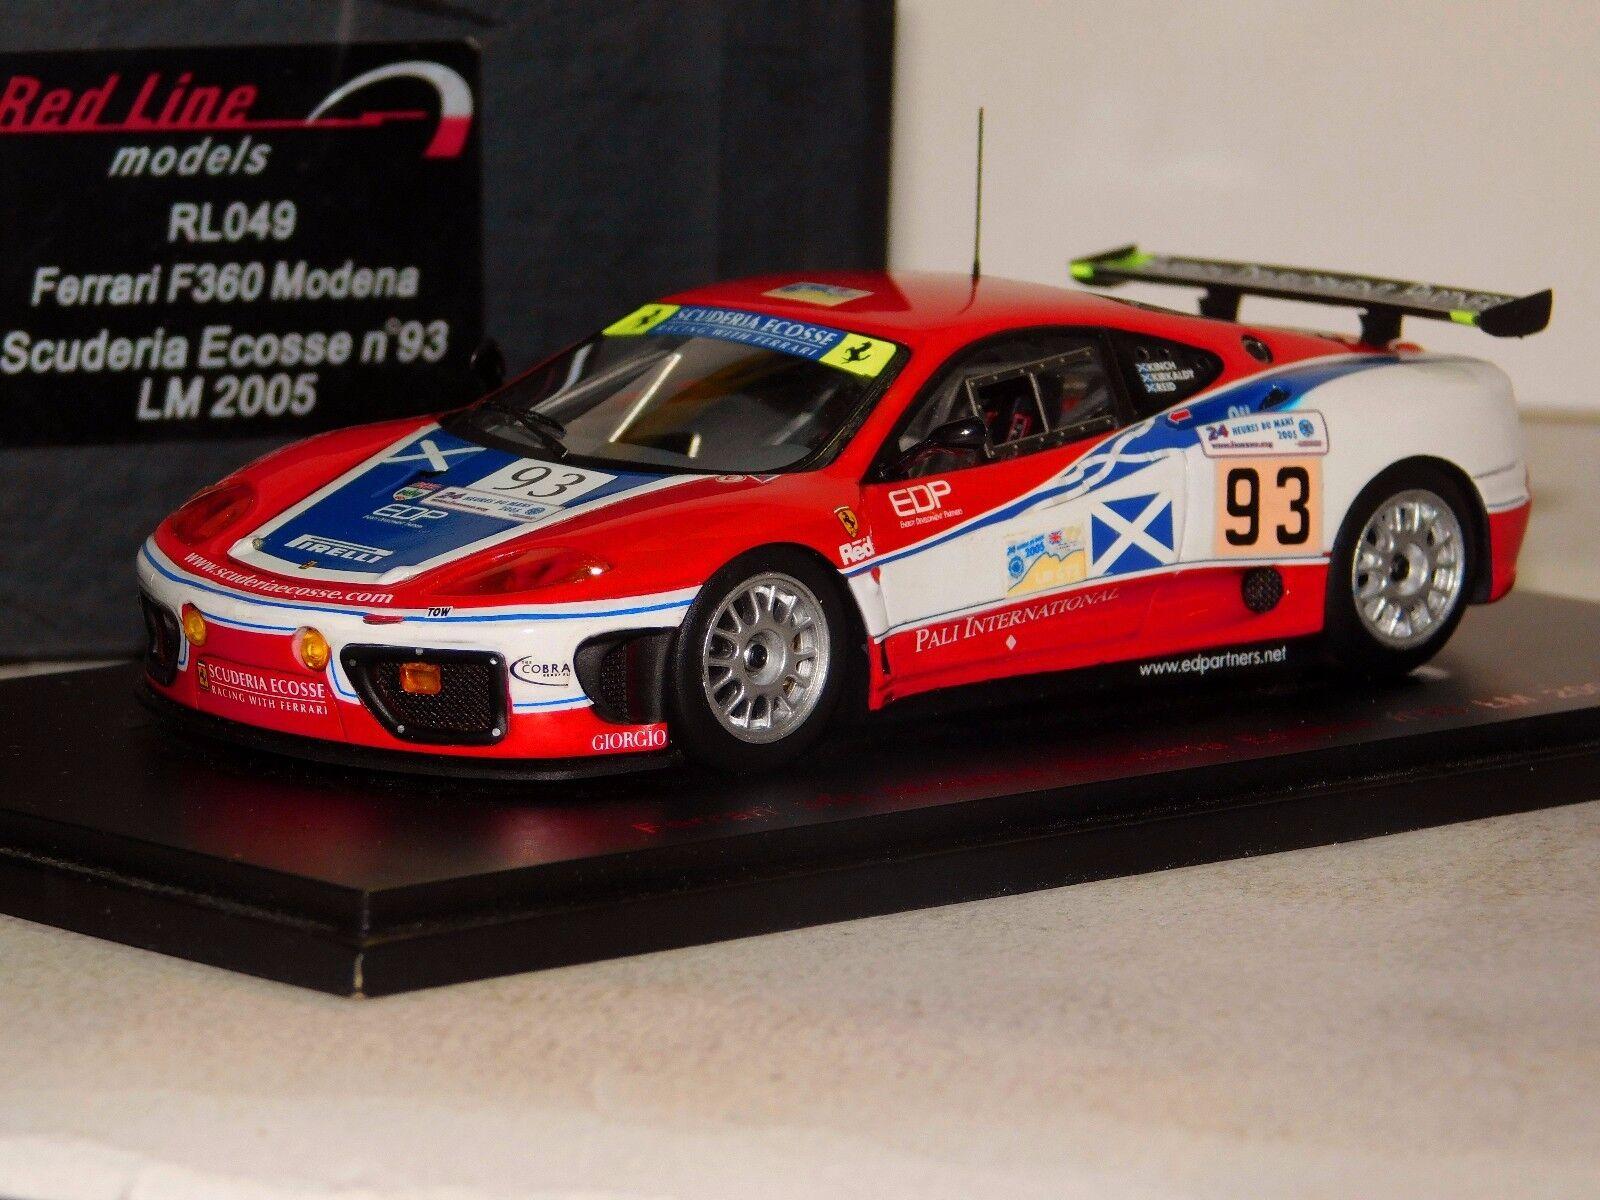 suministramos lo mejor Ferrari F360 Modena Scuderia Ecosse    93 Edición Limitada Mans 2005 rojoline RL049 1 43  ventas calientes